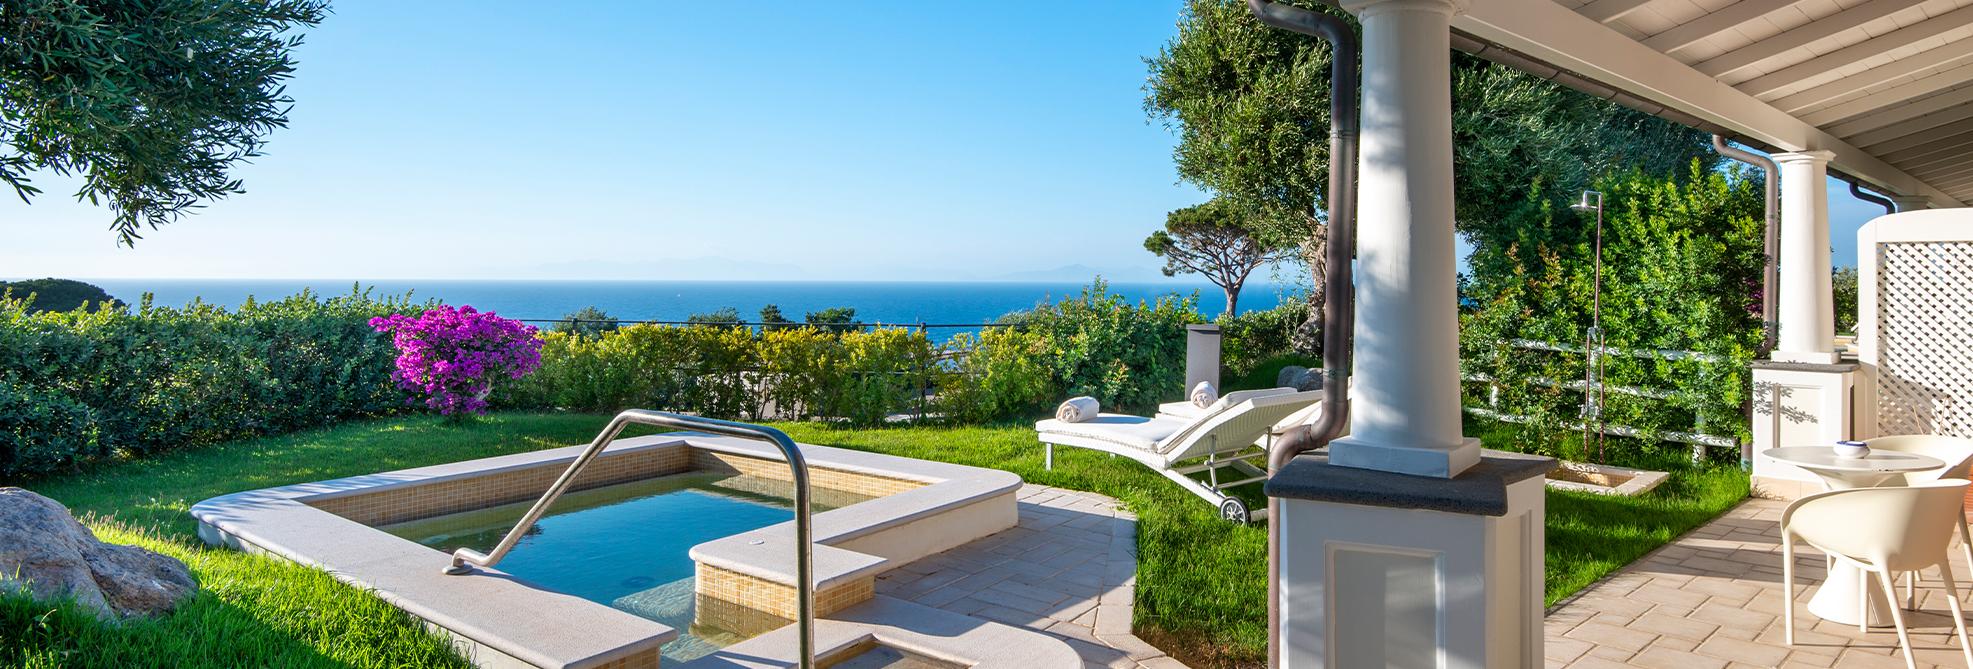 terrazza e piscina Olea grand suite